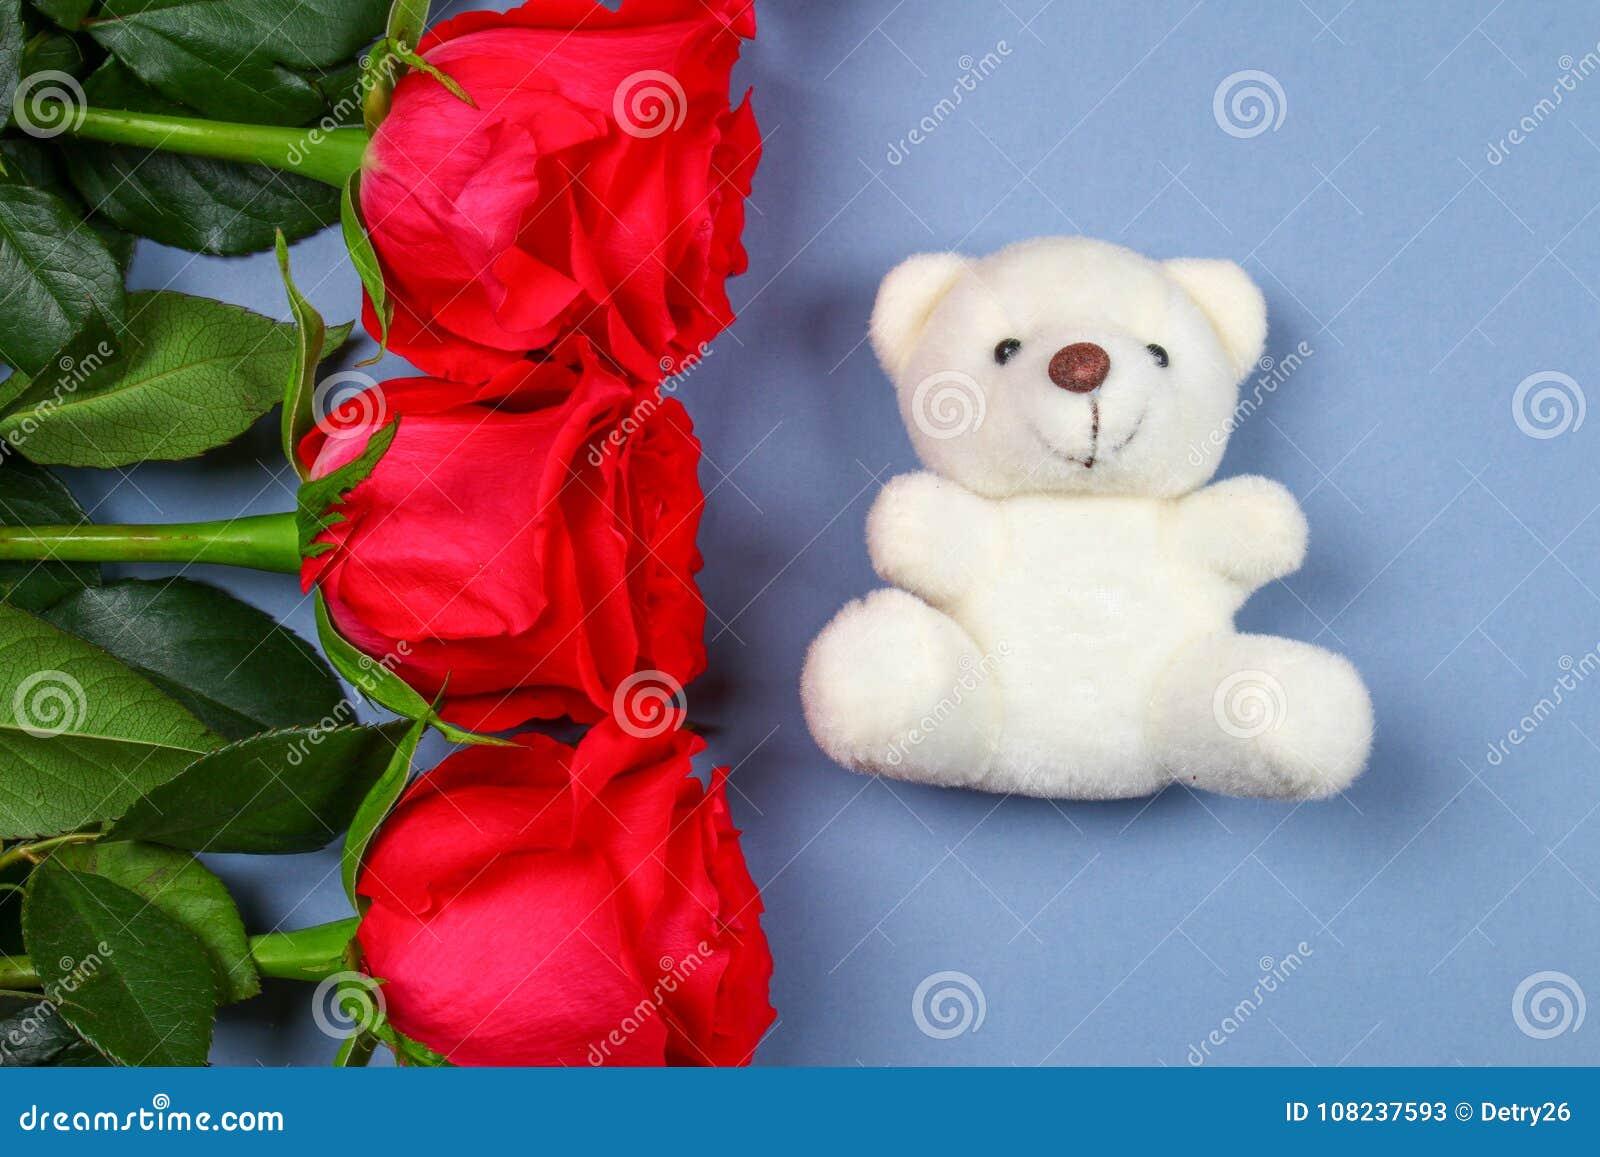 Vit nallebjörn som omges av rosa rosor på en grå tabell Mall för mars 8, mors dag, valentin dag